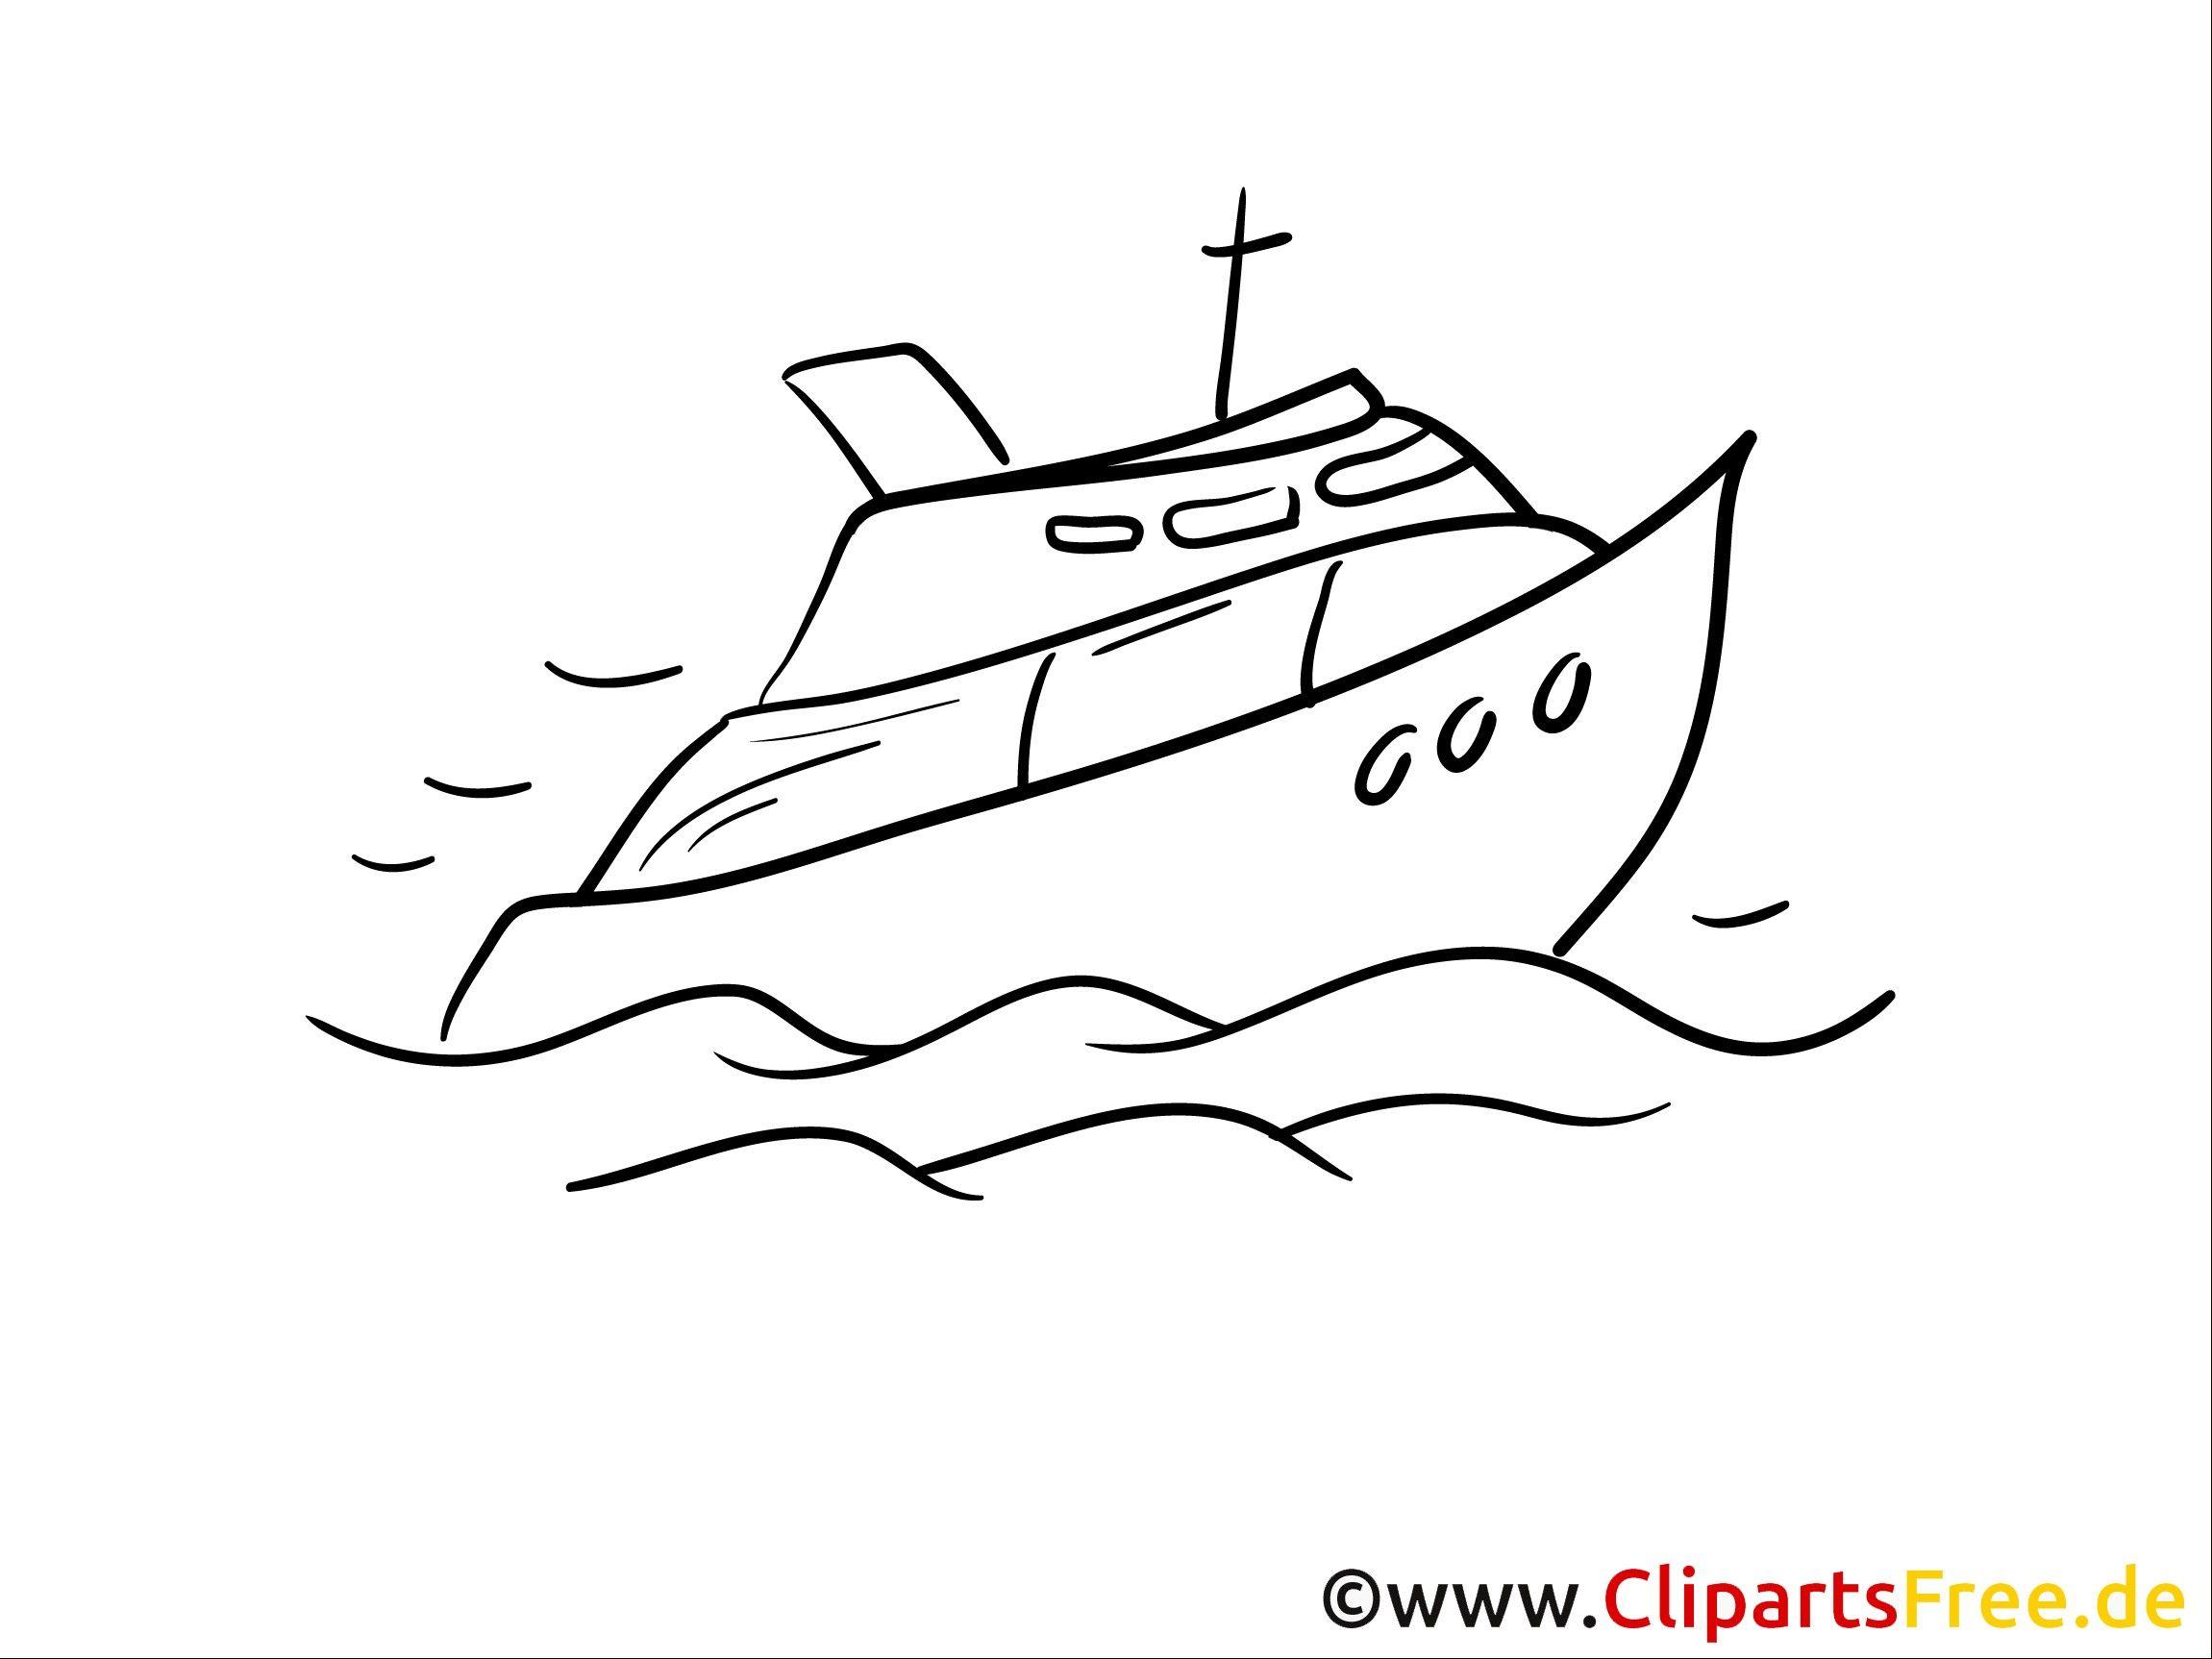 ausmalbild schiff  kinderbilderdownload  kinderbilder